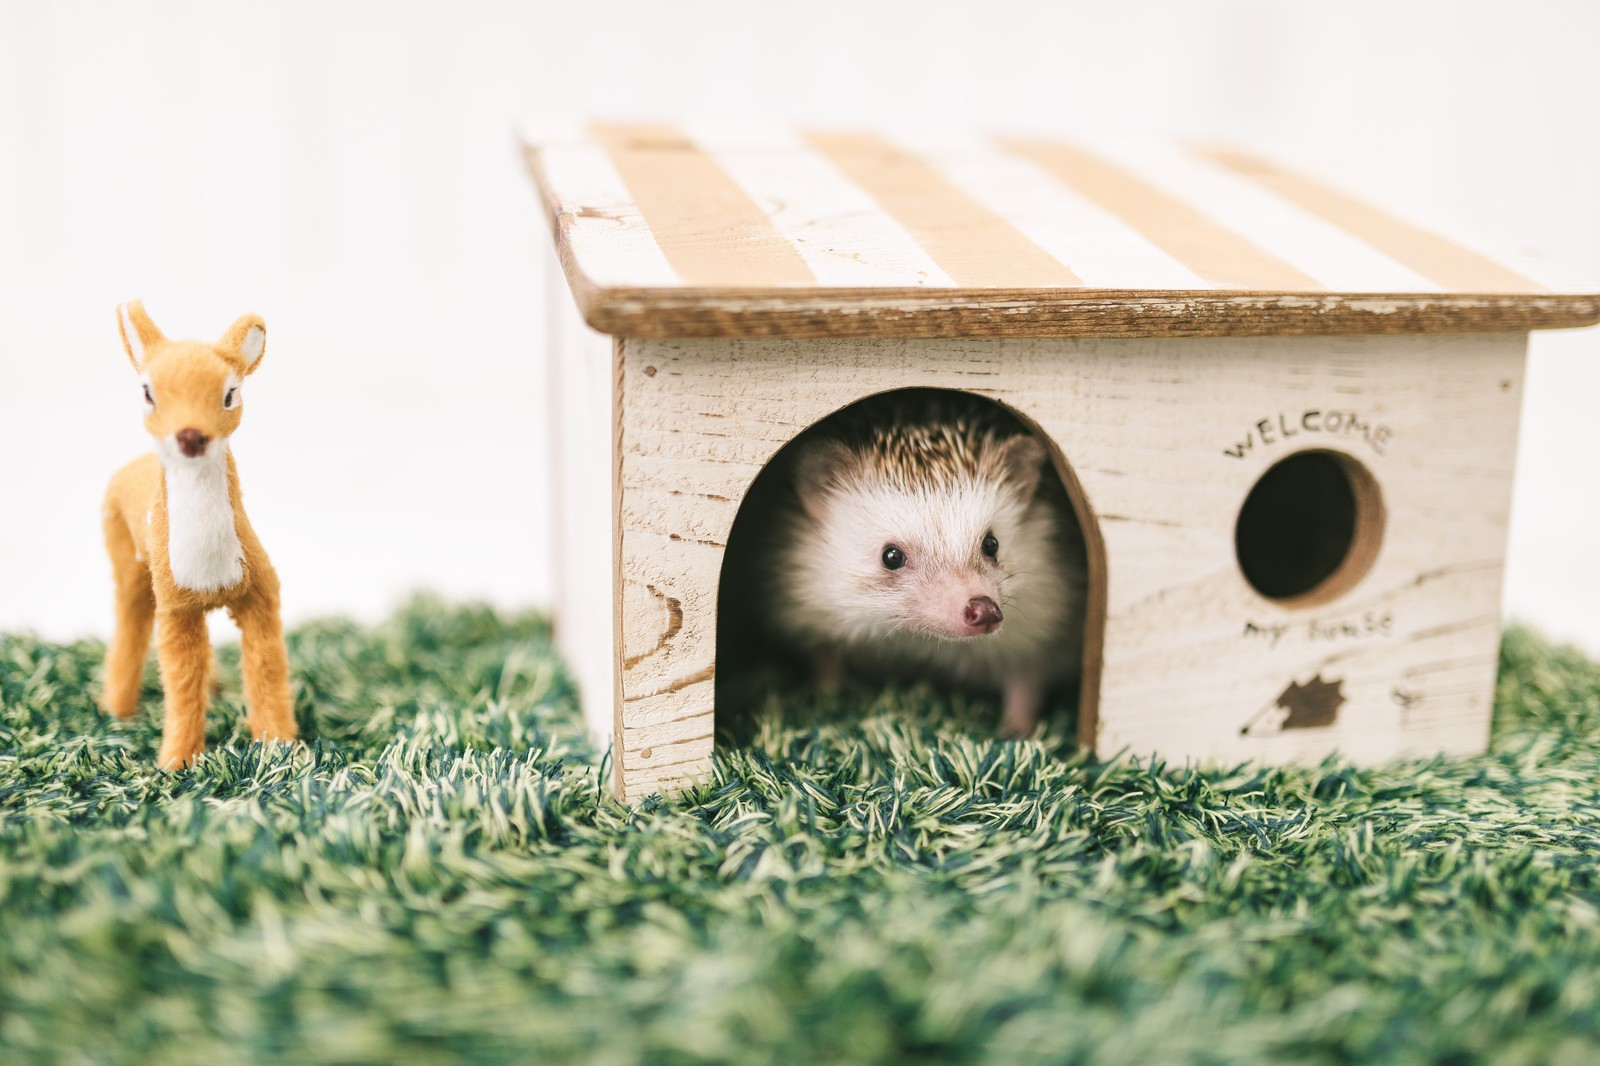 「家から顔を出すハリネズミ家から顔を出すハリネズミ」のフリー写真素材を拡大